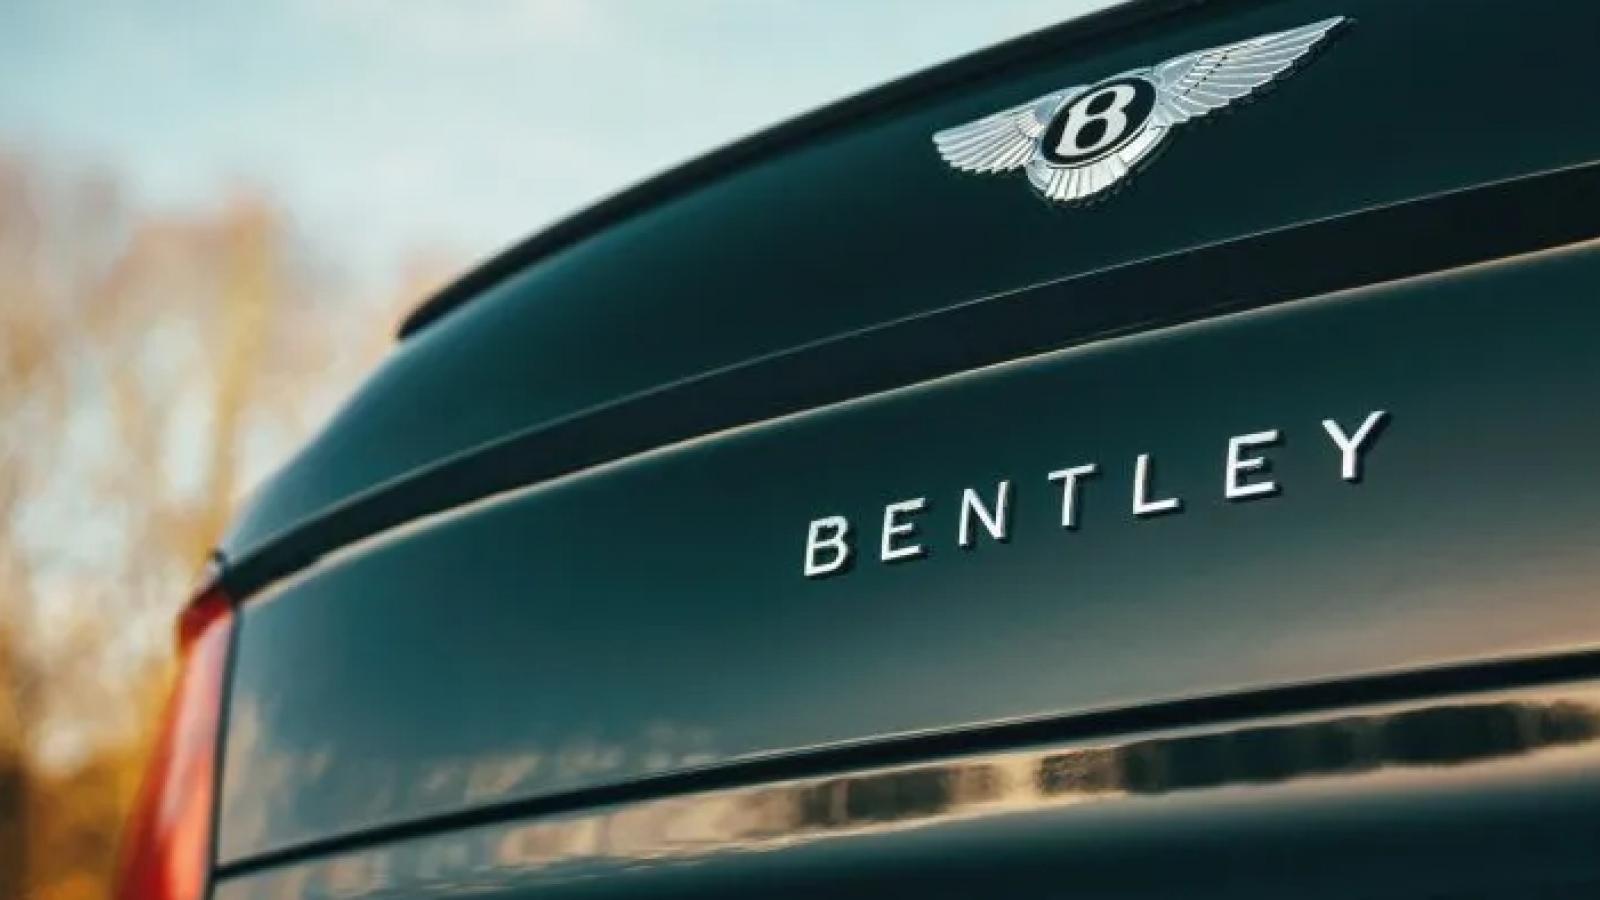 Giám đốc thiết kế ngoại thất của Audi chuyển sang làm việc cho Bentley